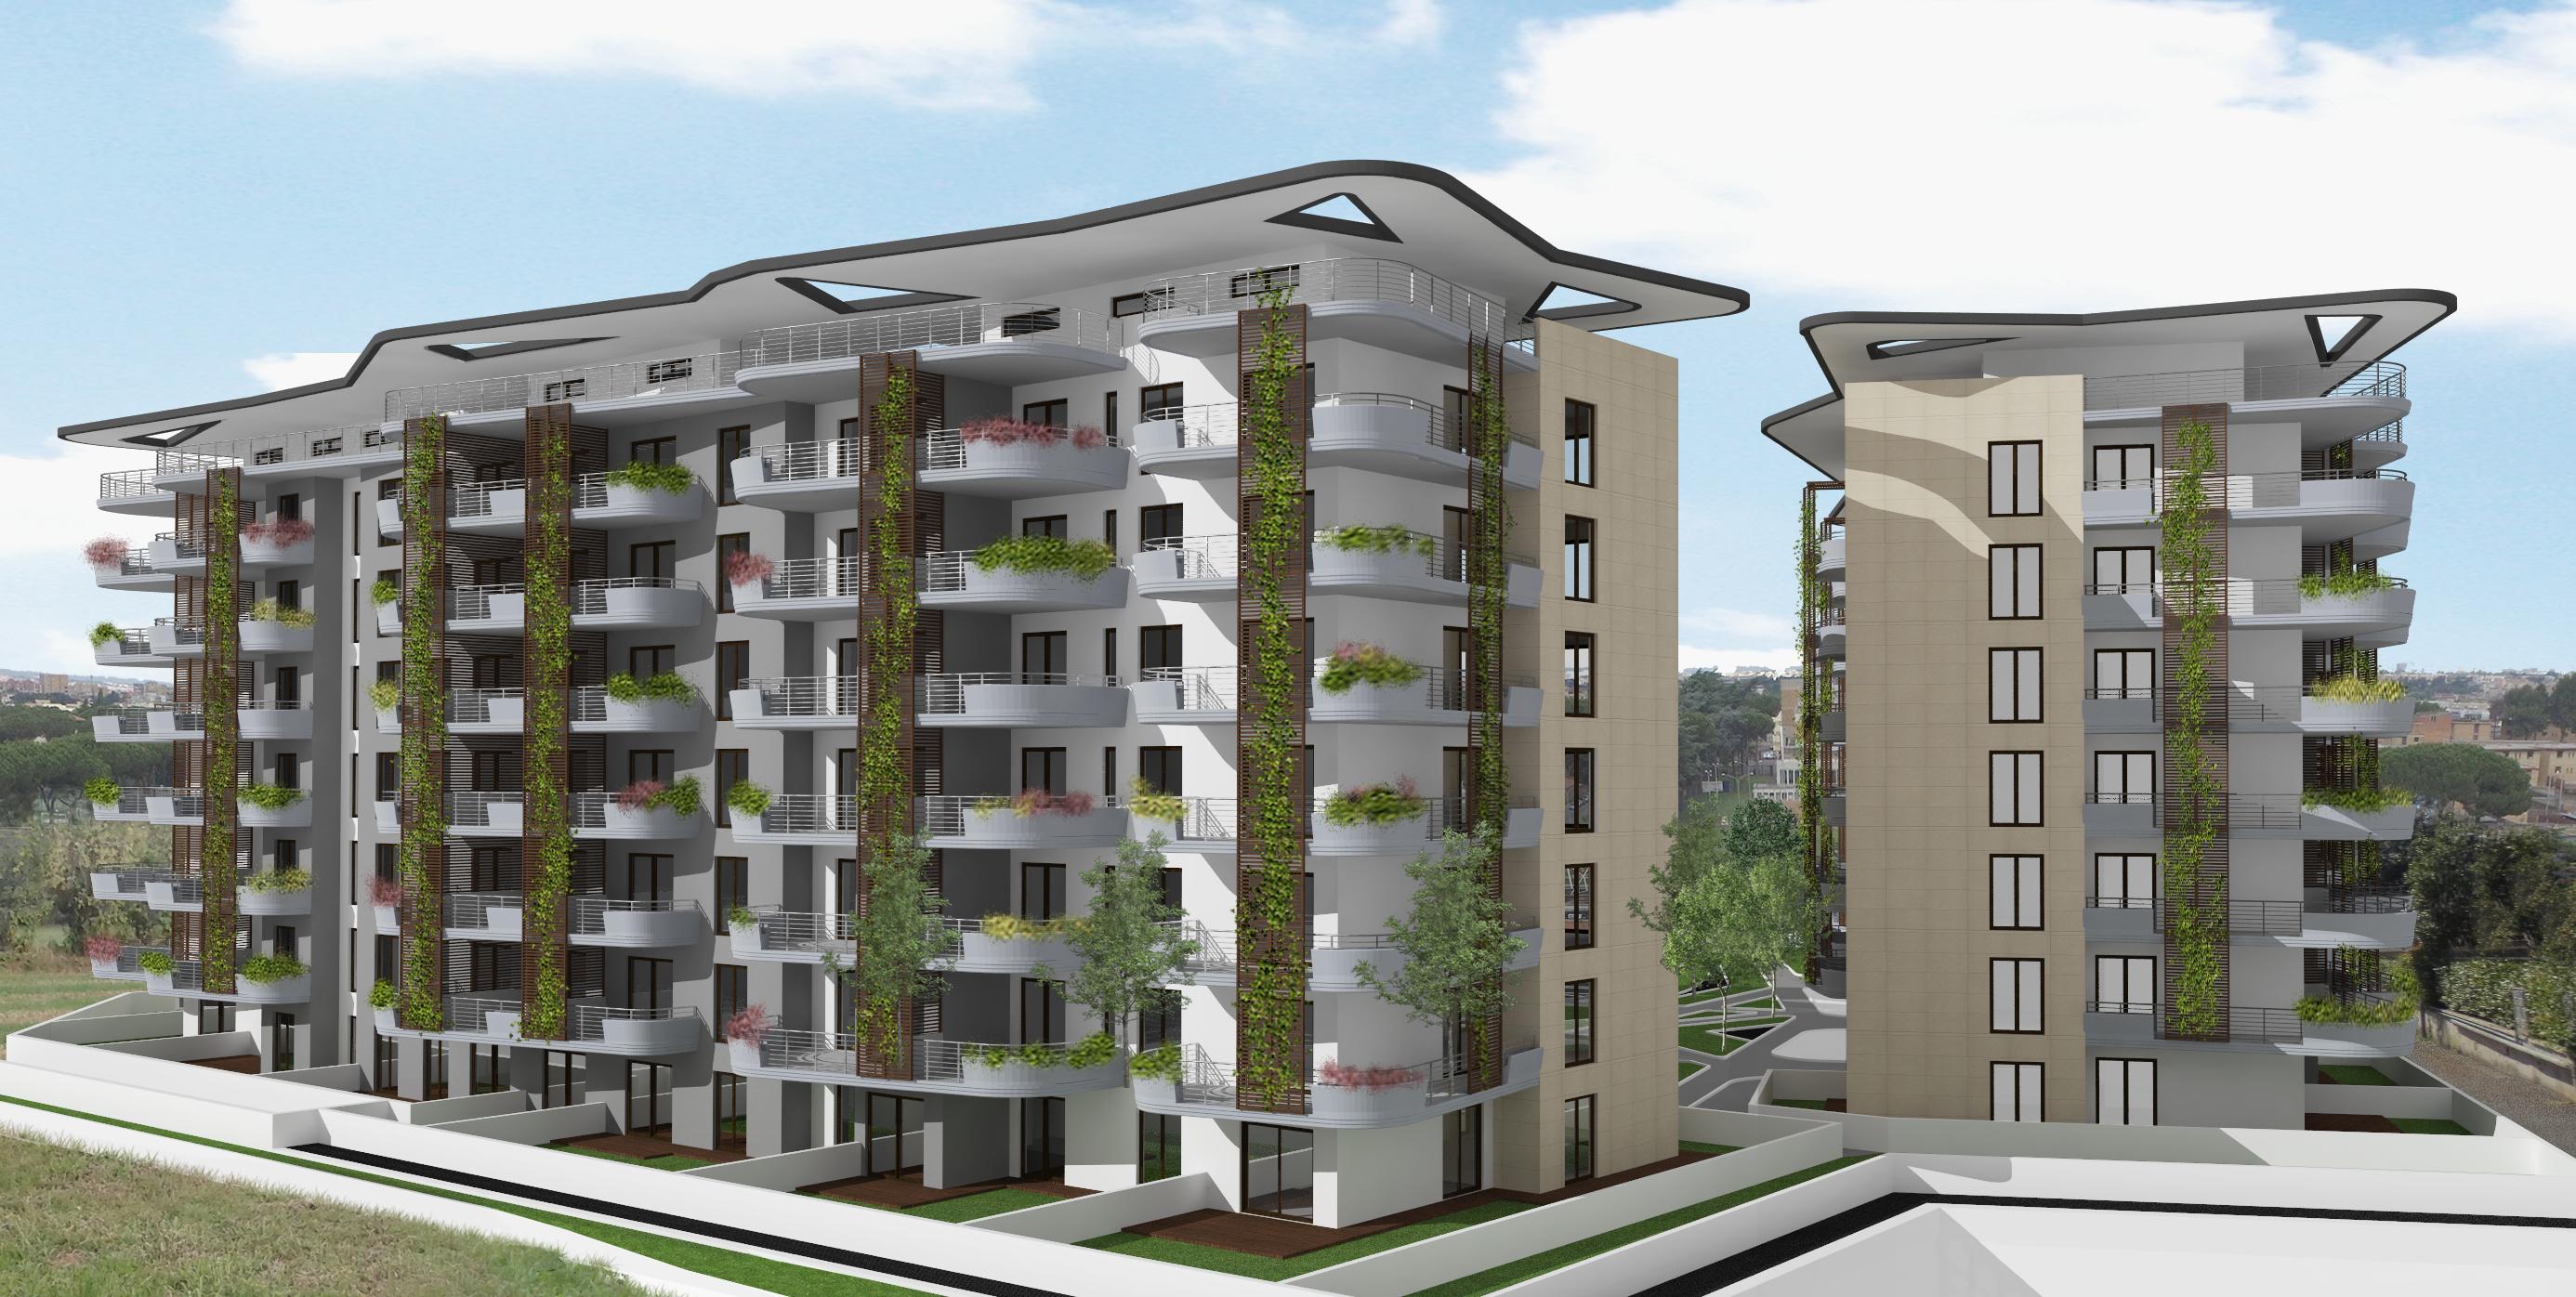 Bilocali nuova costruzione via Tiburtina